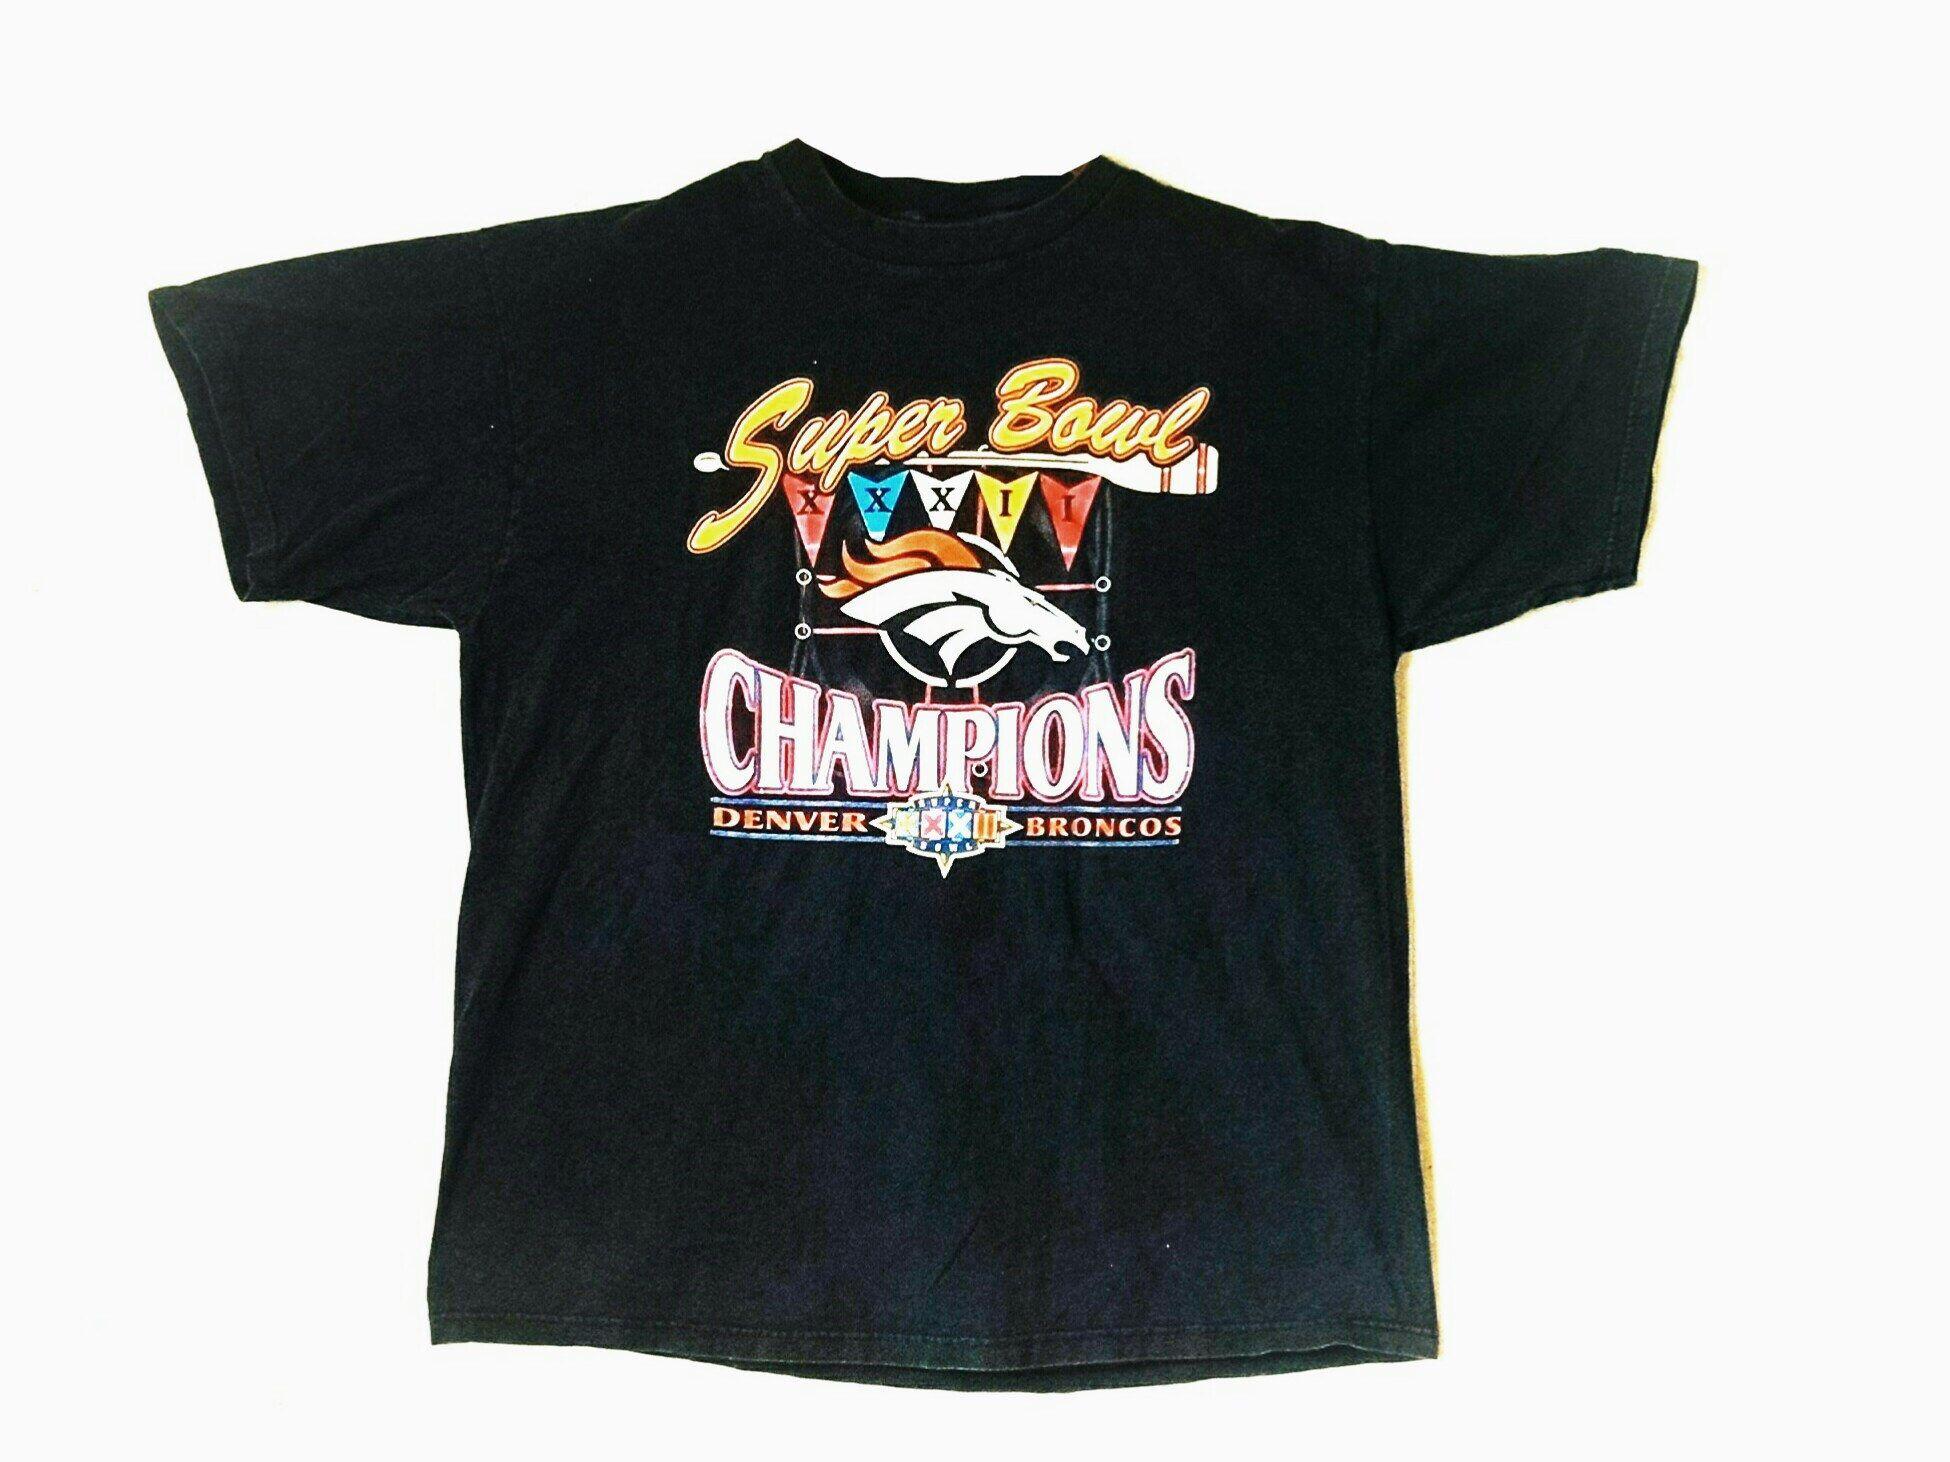 Vintage 1998 Denver Broncos NFL Super Bowl XXXII